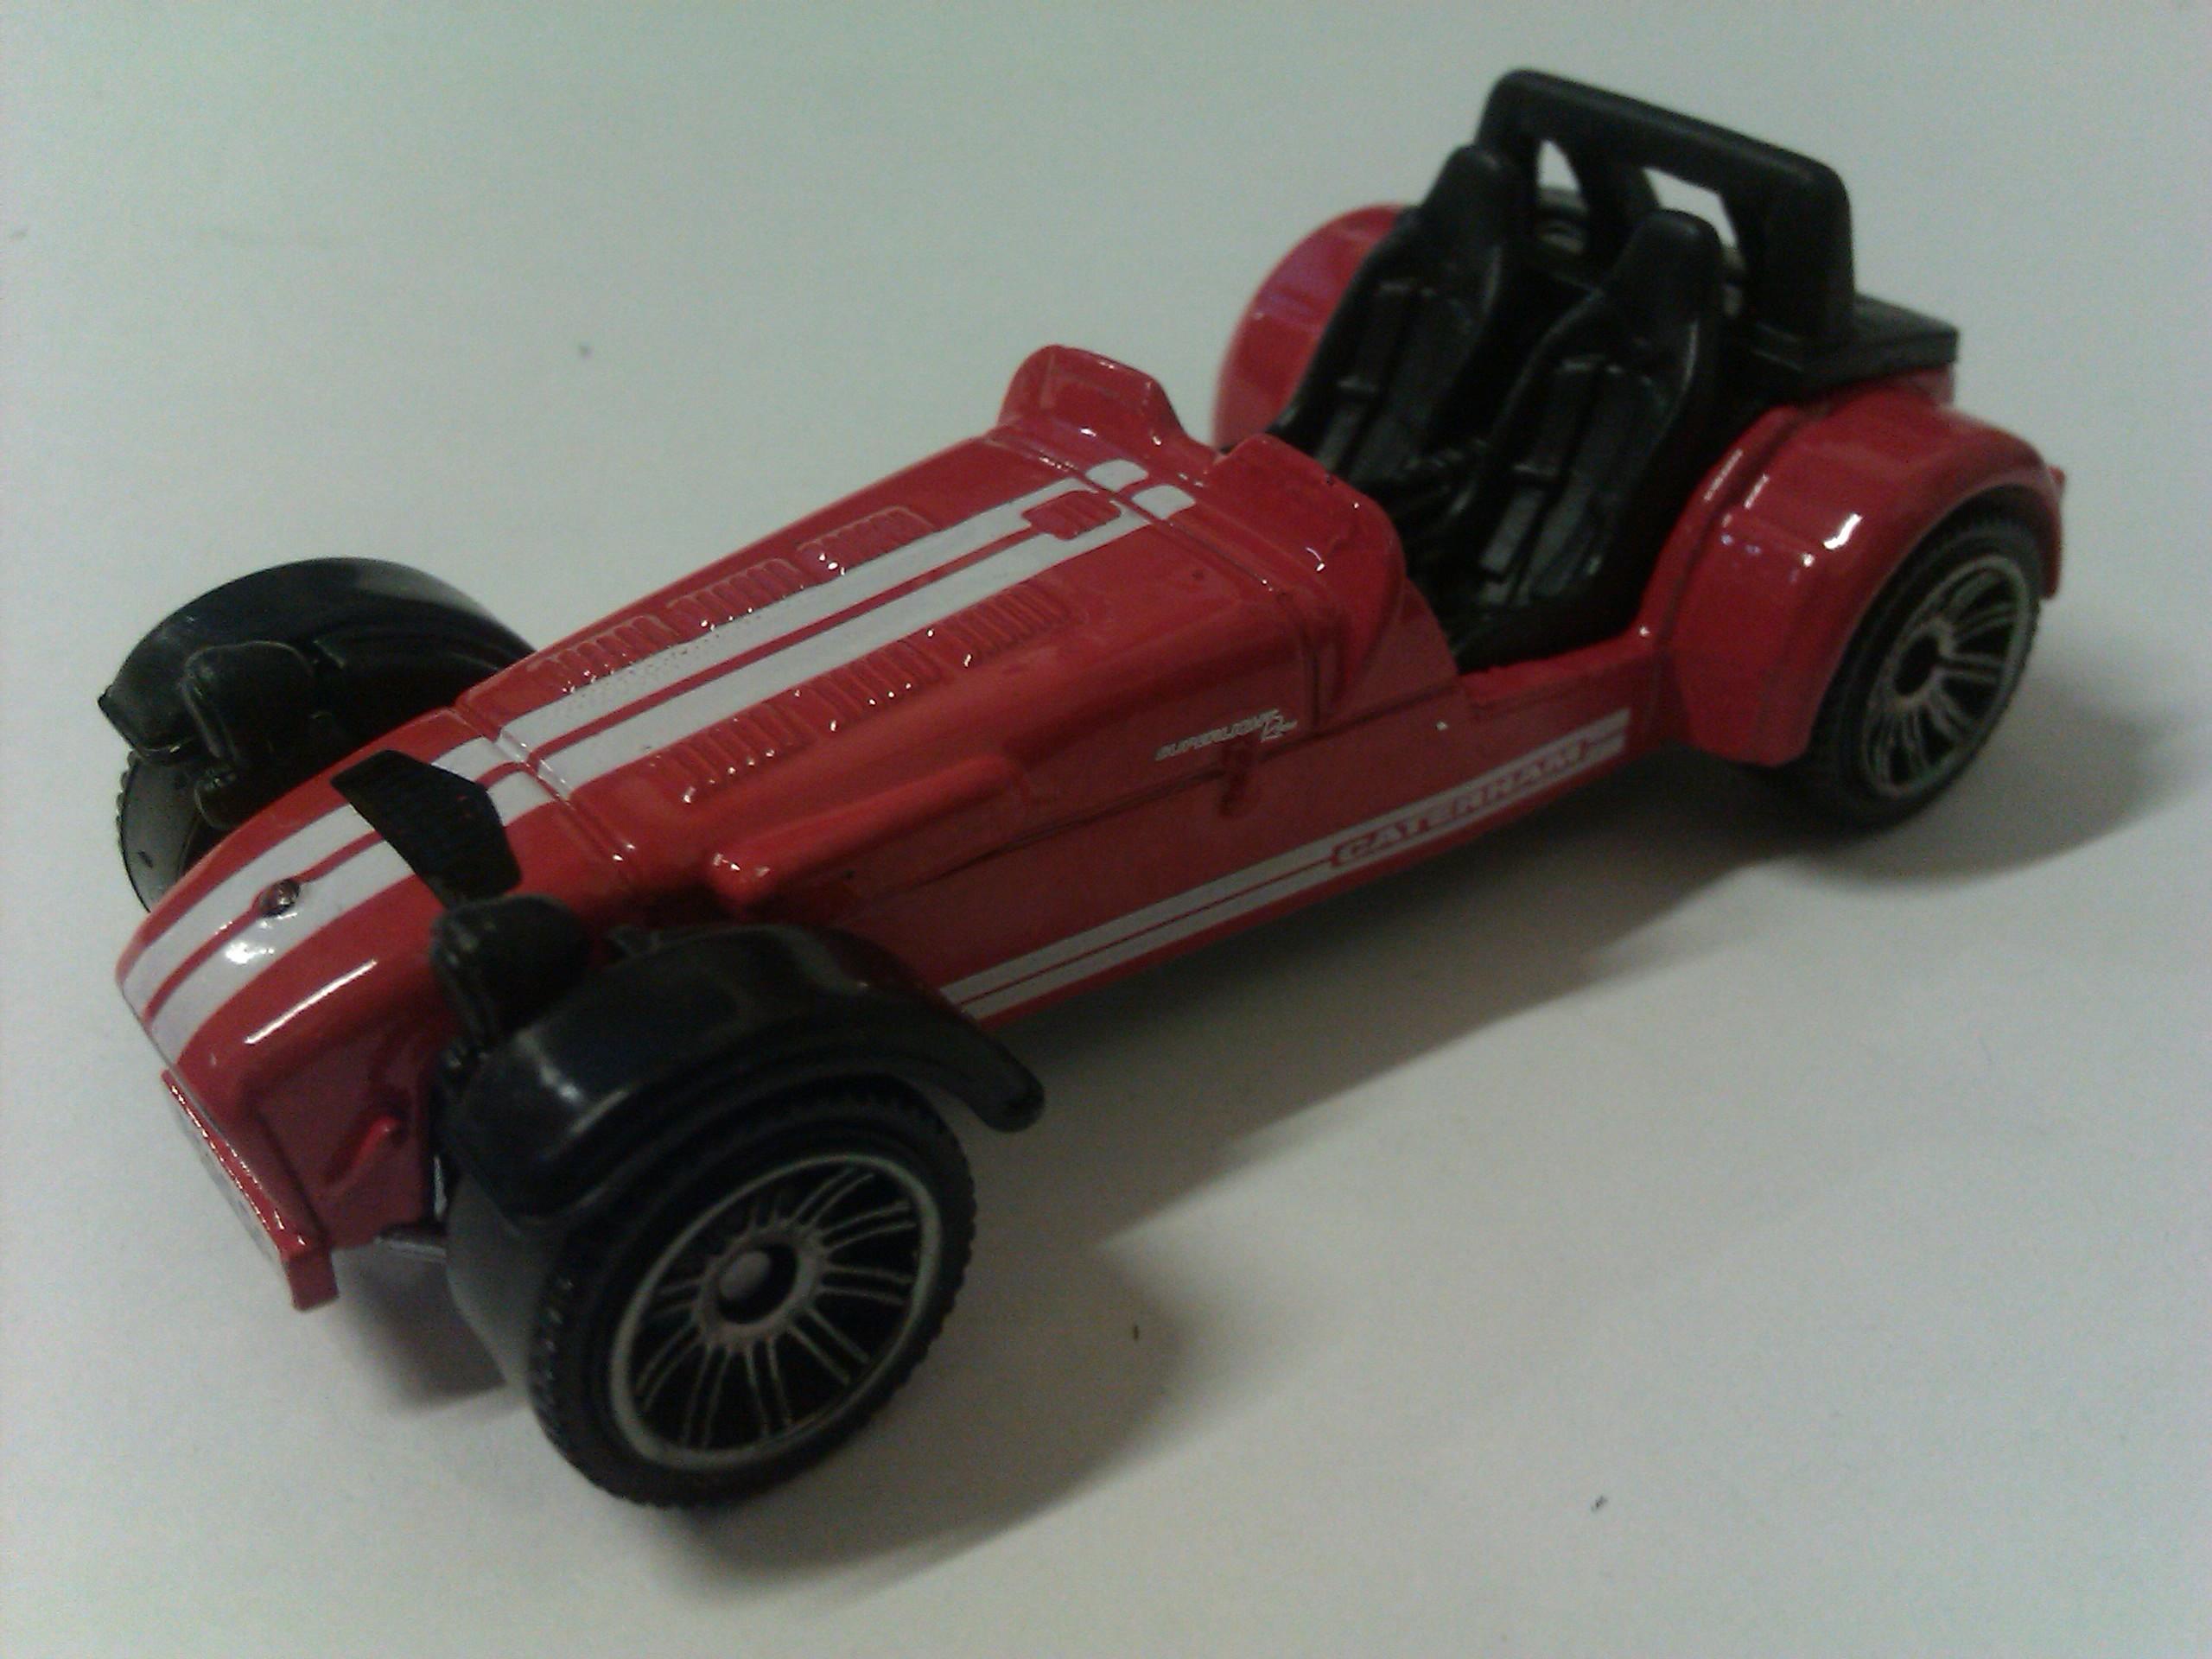 Caterham Superlight R500 (2009)